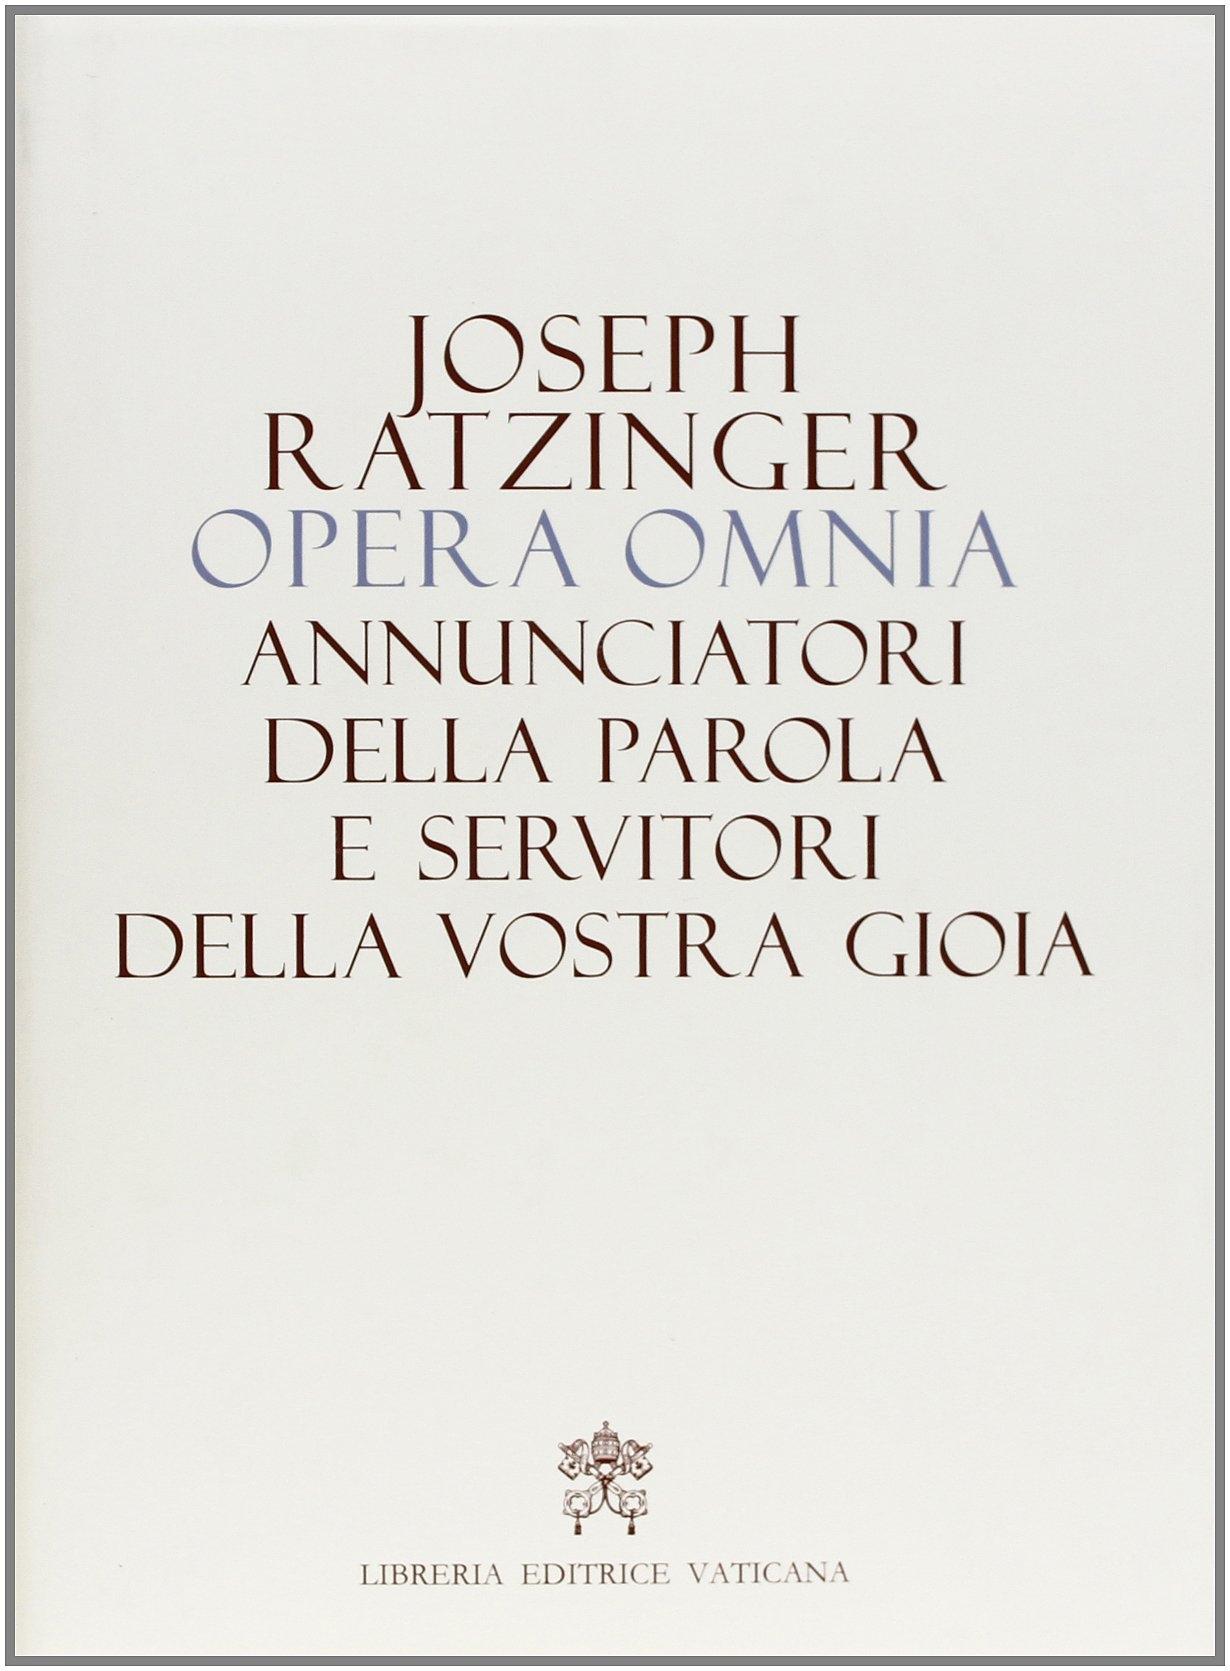 Opera Omnia di Joseph Ratzinger. Vol. 12: Annunciatori delle Parola e Servitori delle Vostra Gioia.